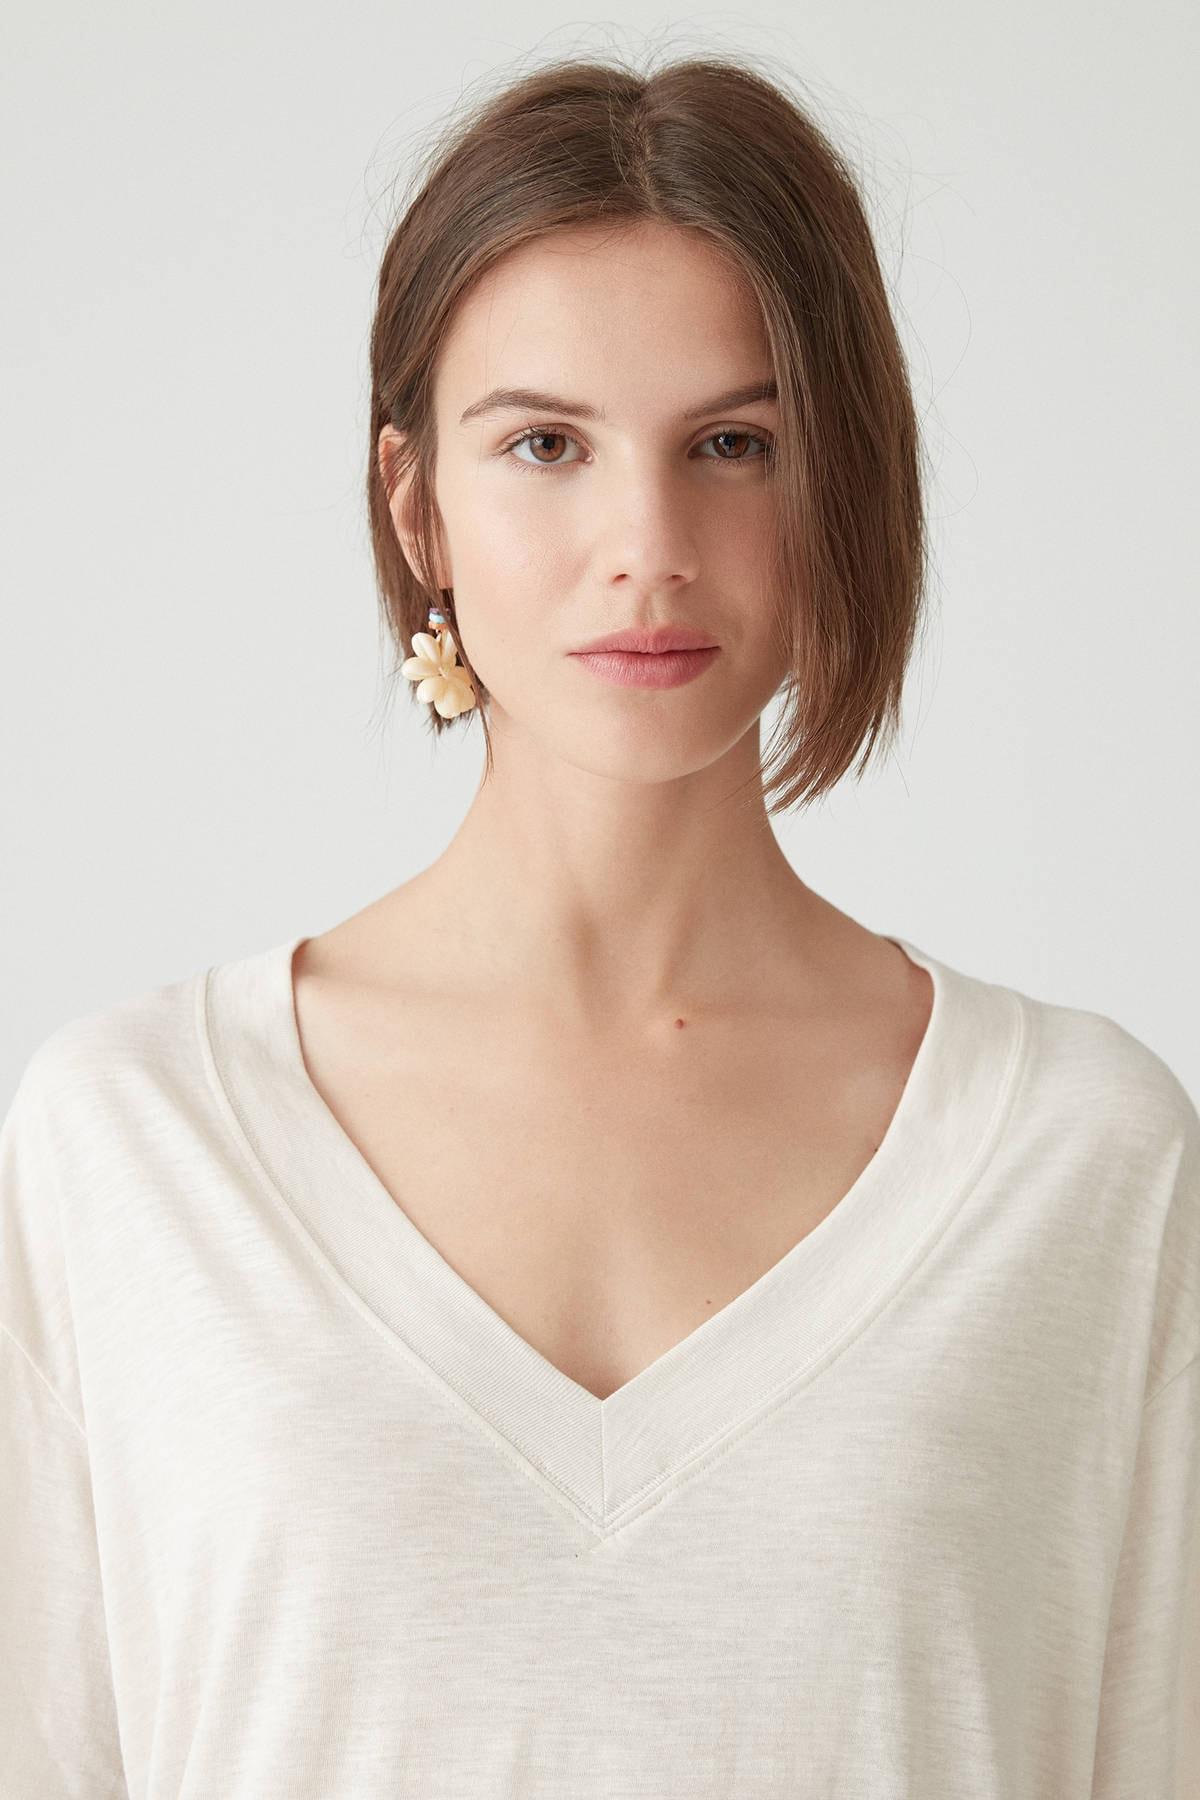 Pull & Bear Kadın Taş Rengi Basic Oversize Düğümlü Örgü T-Shirt 05236324 3